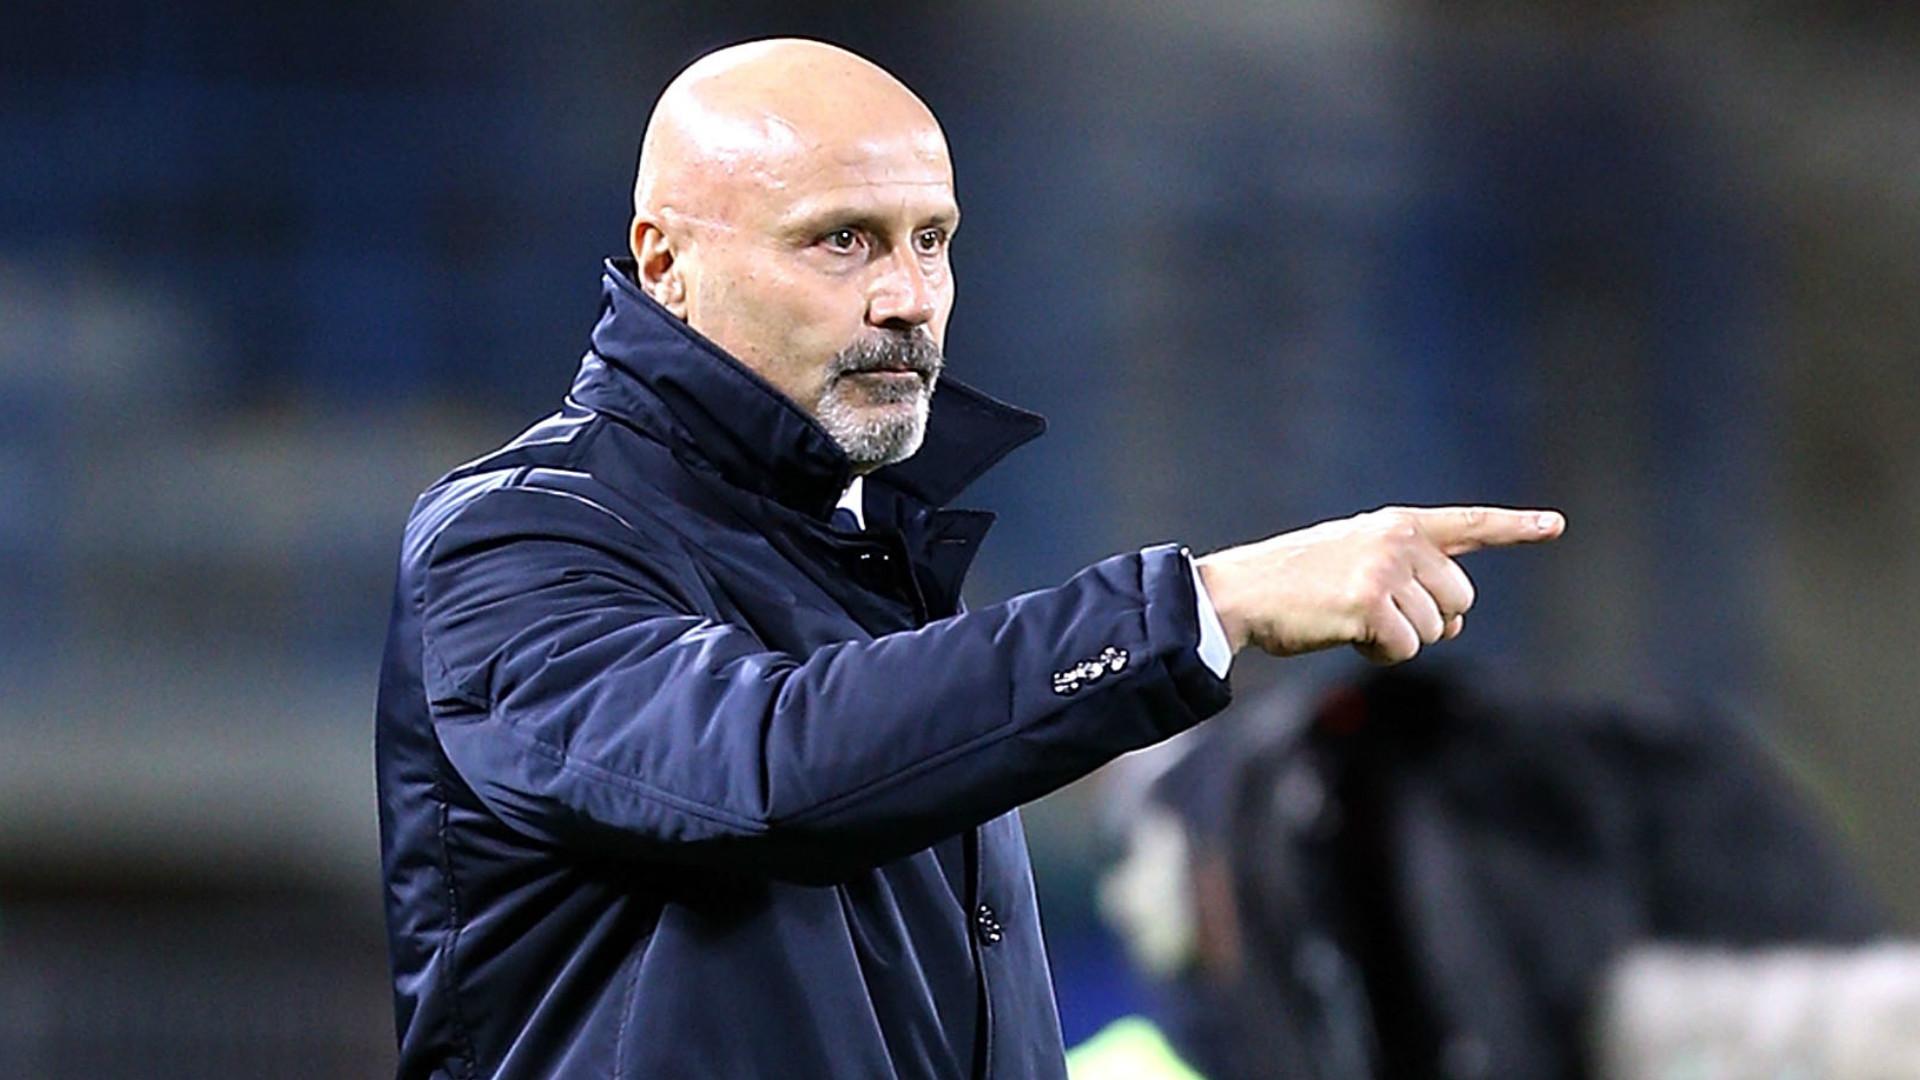 Il Crotone sceglie Walter Zenga: atteso l'annuncio del club